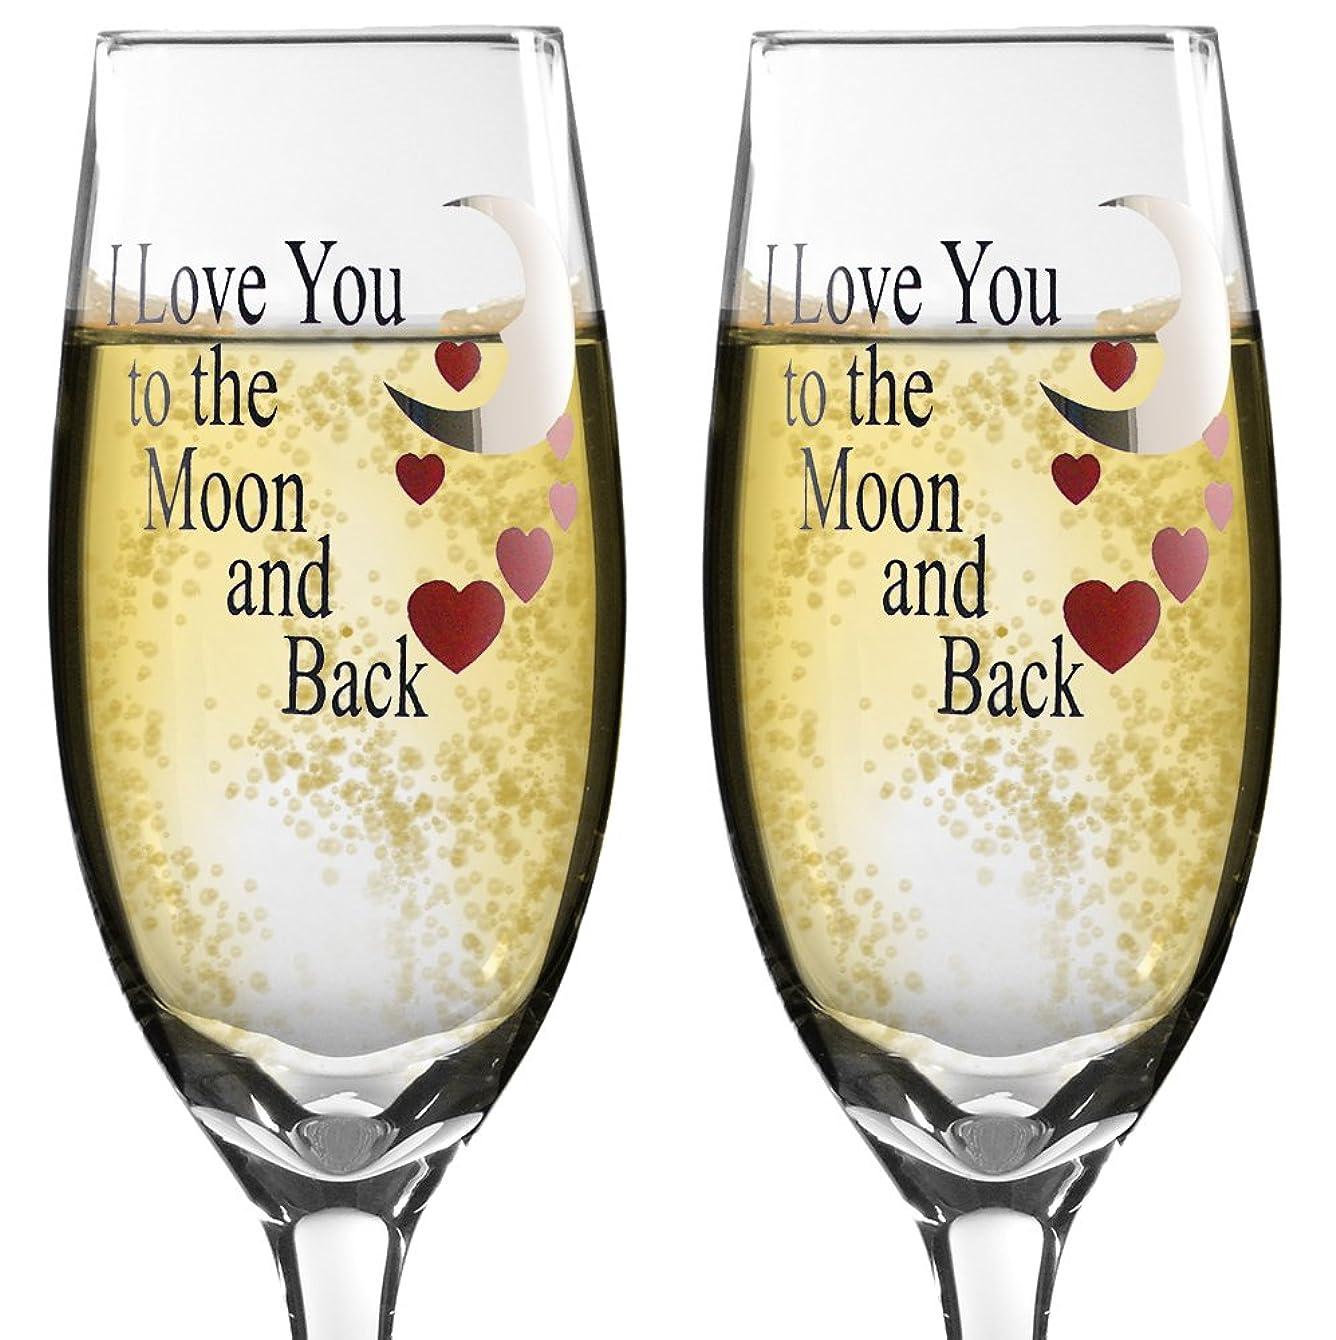 胴体インキュバスインキュバスGlass Champagne Glasses - I Love You to the Moon and Back Champagne Flutes - Set of 2 Champagne Glasses - Anniversary Gift - Wedding Glasses - I Love You Gift